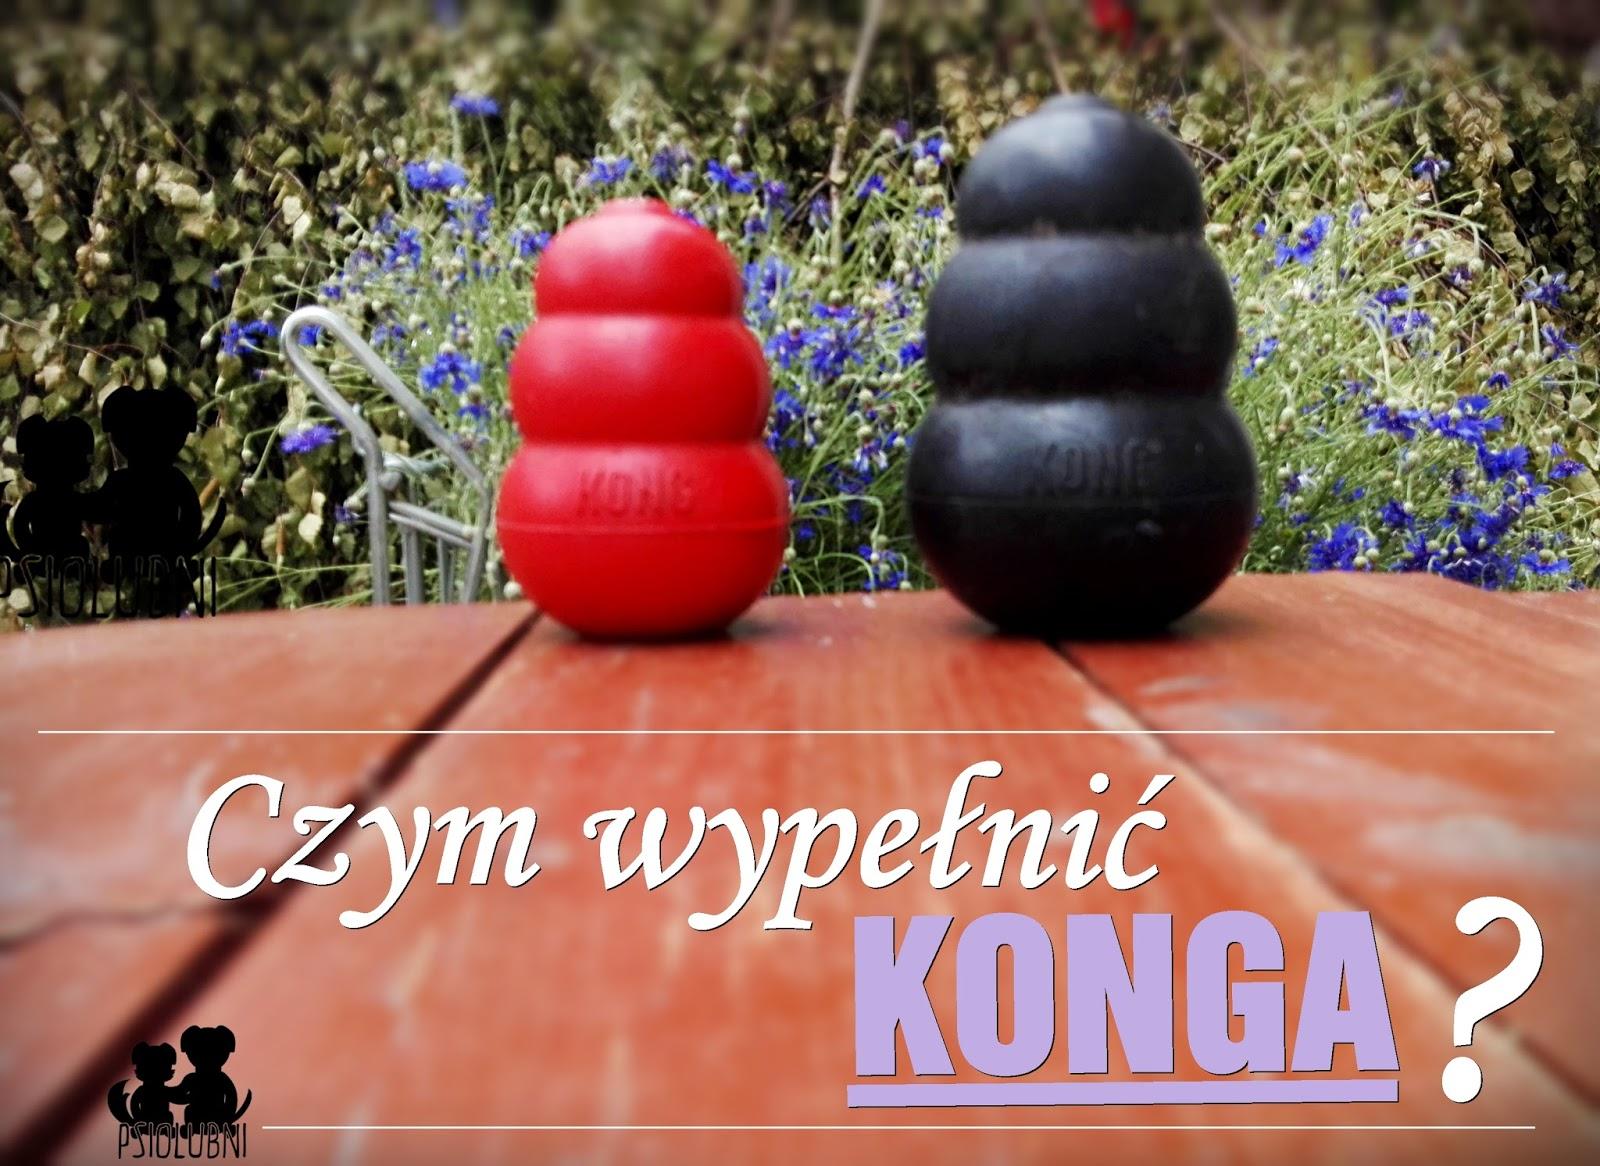 kong, kong classic, kong extreme, zabawka dla psa, jedzenie dla psa, psiolubni.com.pl, blog o psach, karma dla psa, czym wypełnić konga, jak wypełnić konga, zabawka dla psów niszczycieli, wytrzymała zabawka dla psów,